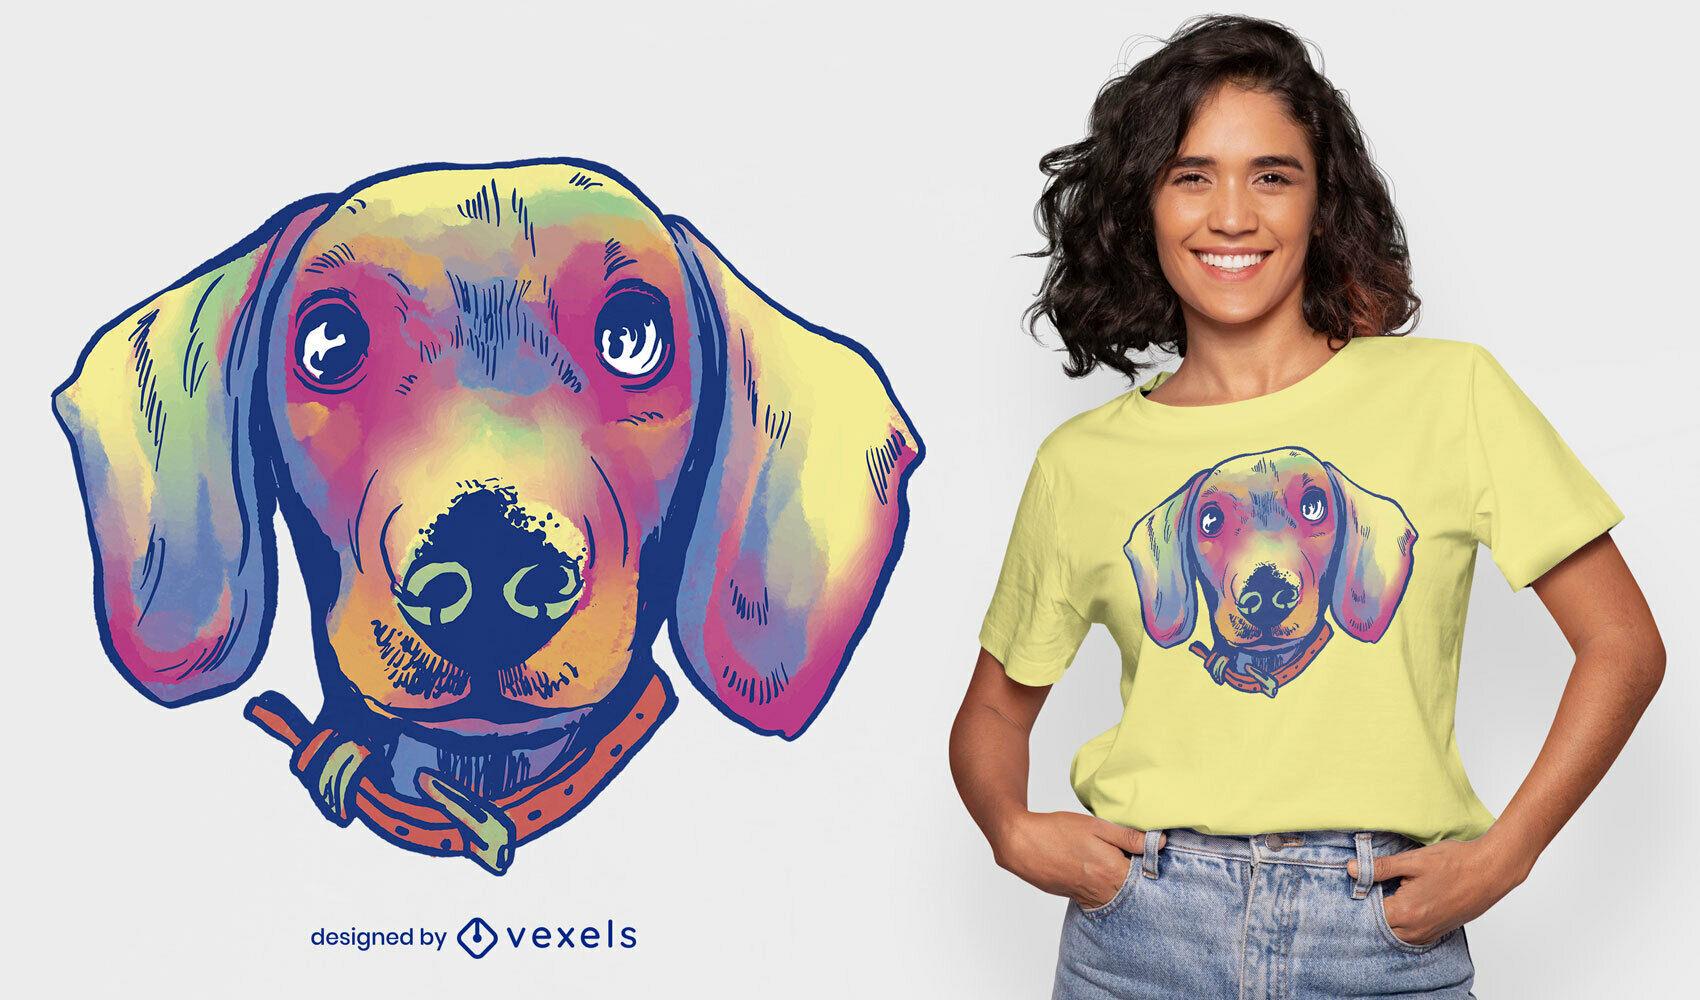 Dise?o de camiseta psd con cara de perro daschund acuarela